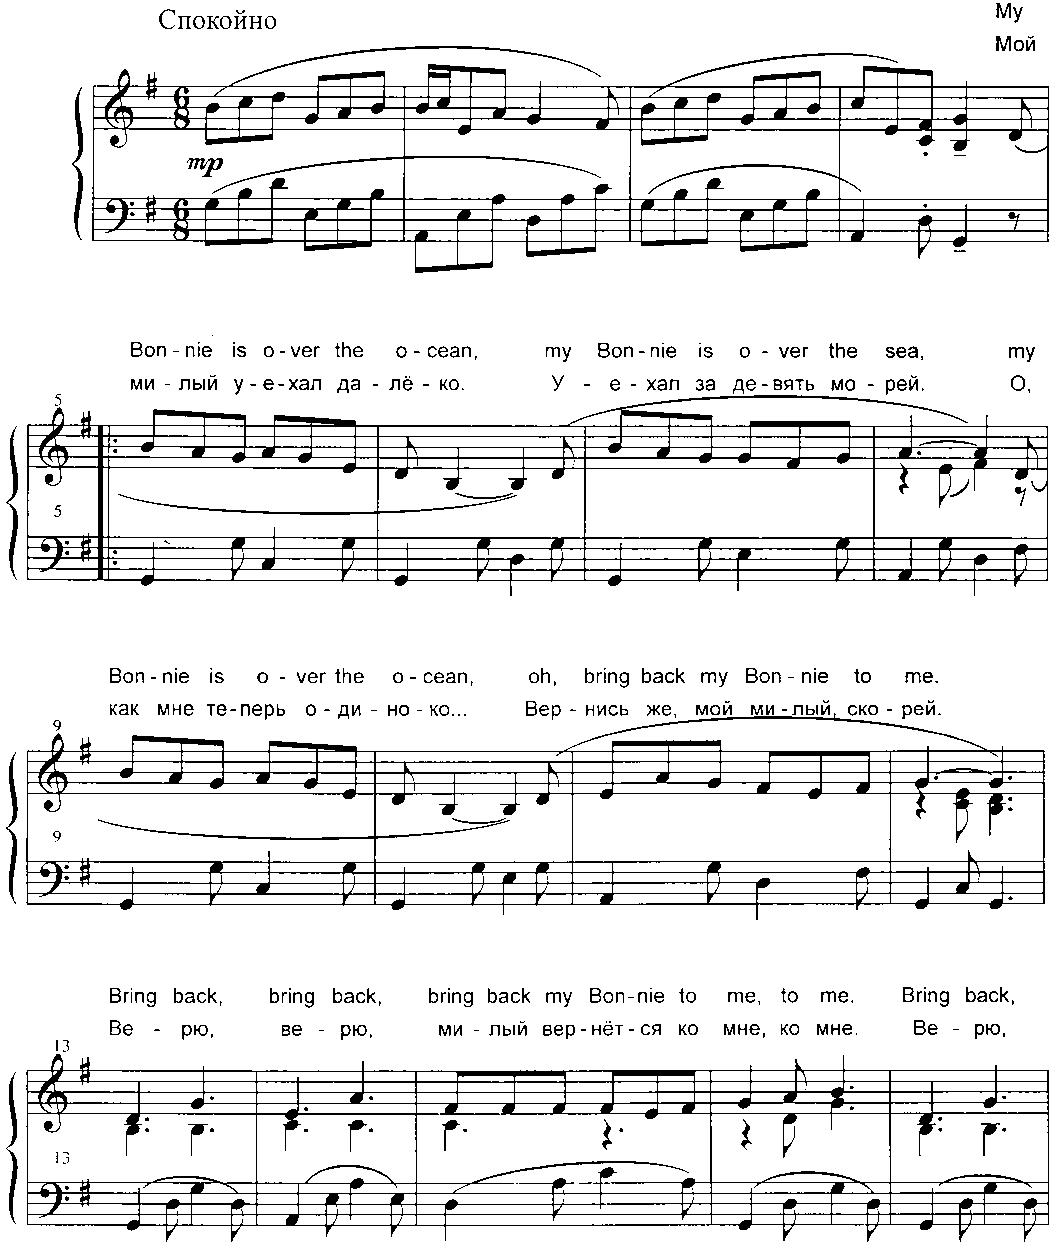 Изображение к книге Музыка для души. Выпуск 2